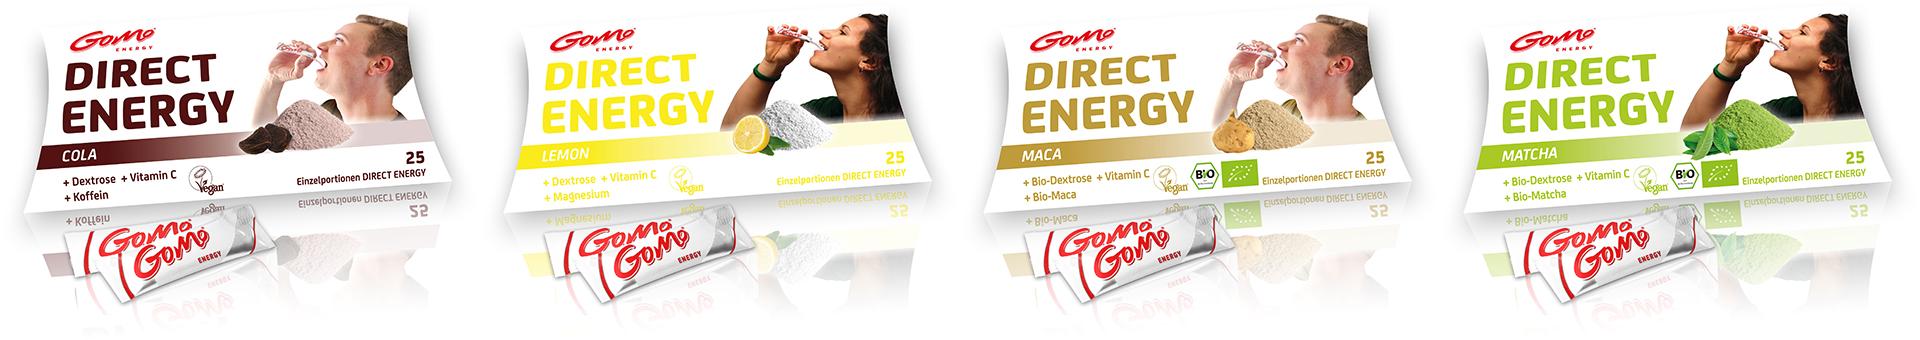 natürliche Energie vitamine magnesium glucose matcha maca magenisum gedächtnisleistung denkvermögen